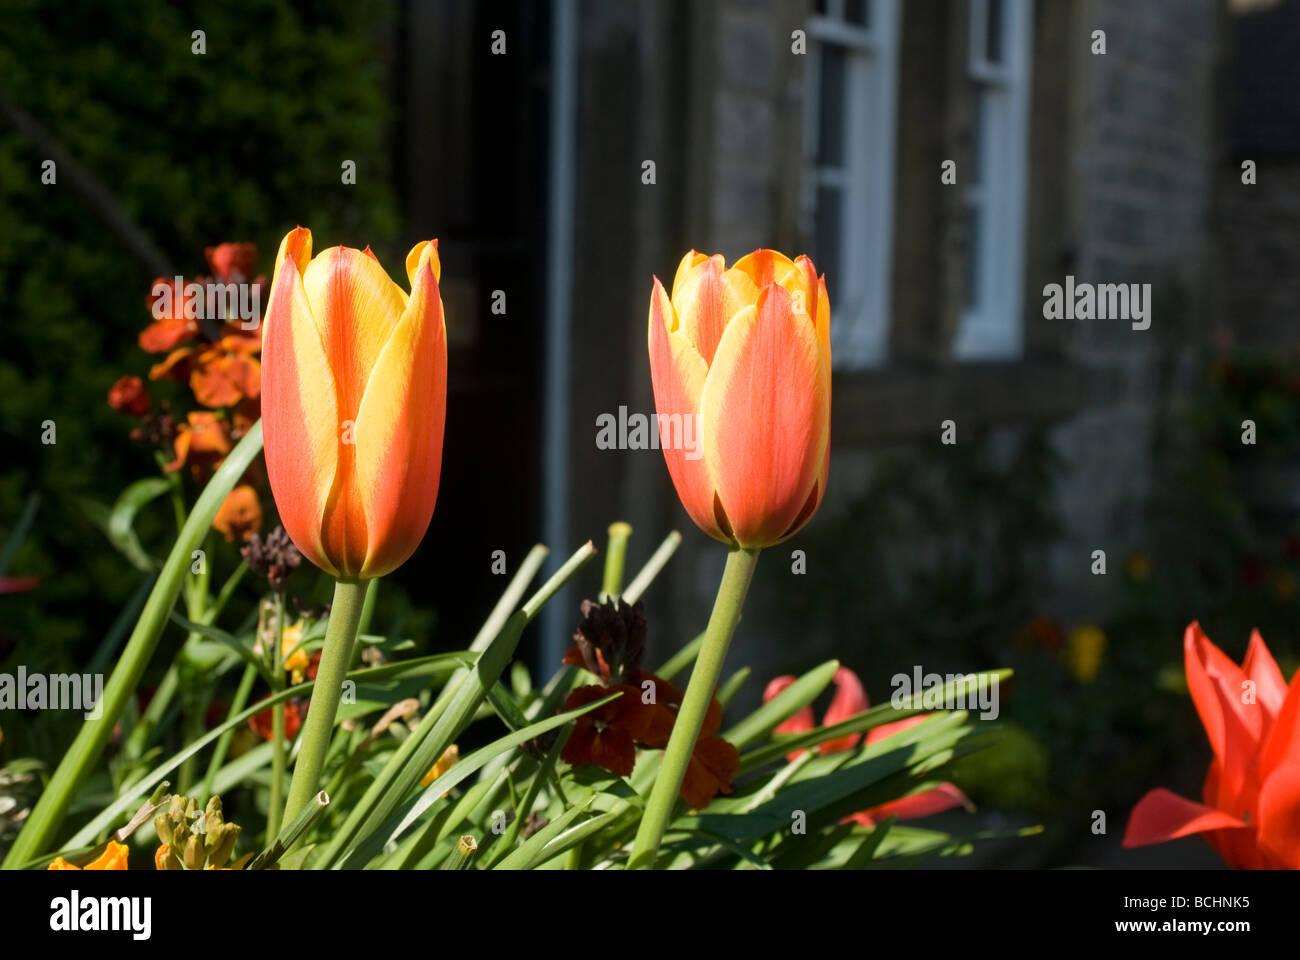 Tulipanes de rayas rojas y amarillas en la primavera Imagen De Stock